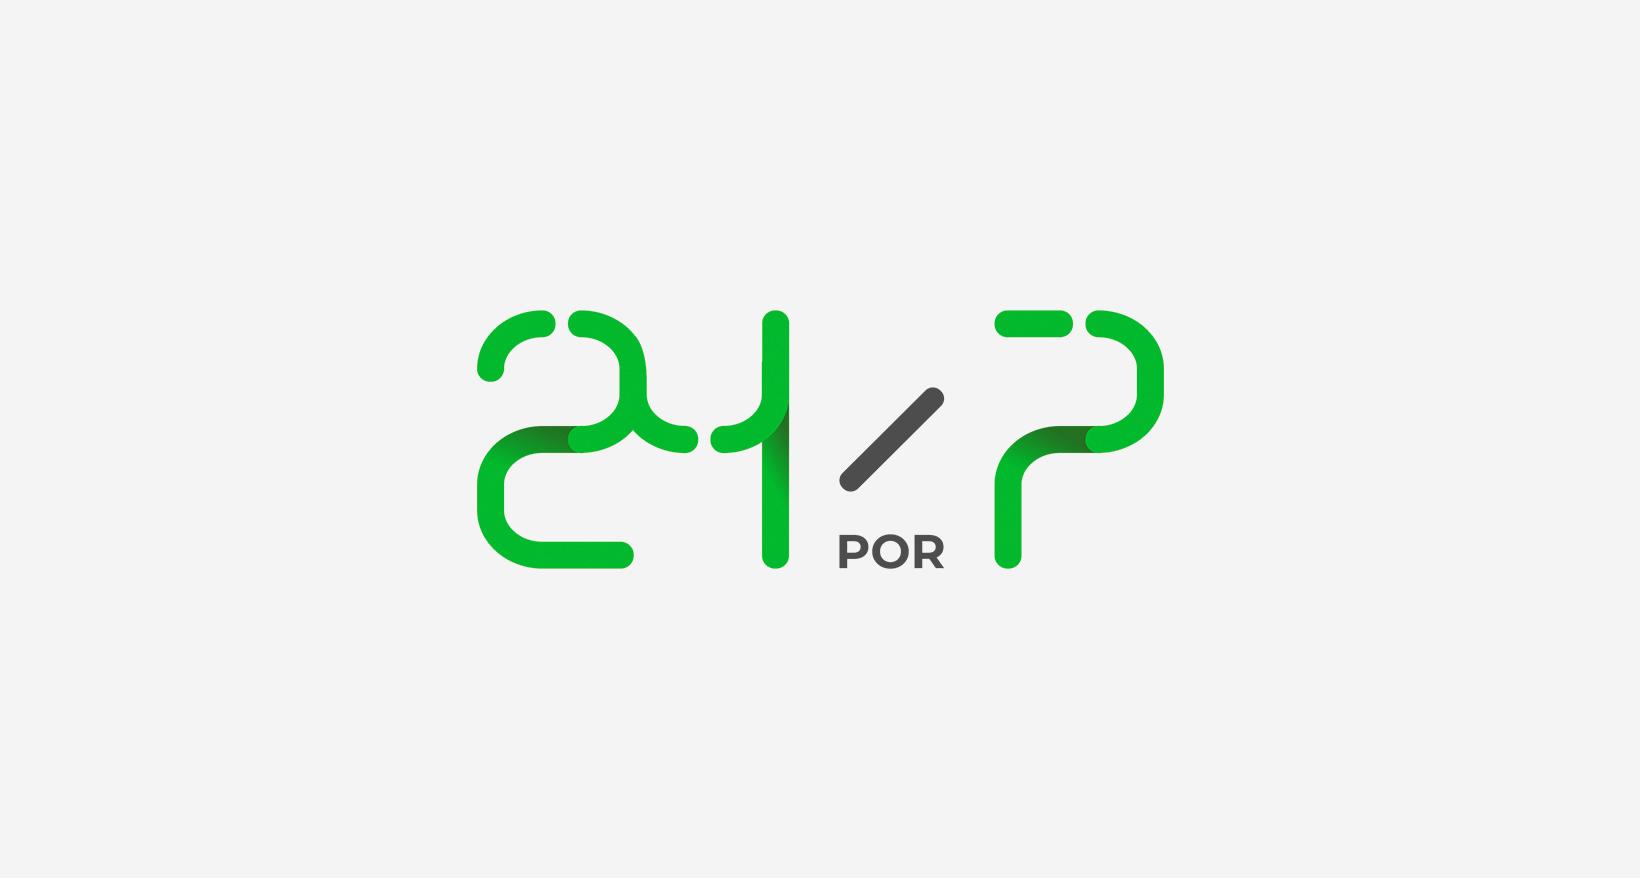 24por7